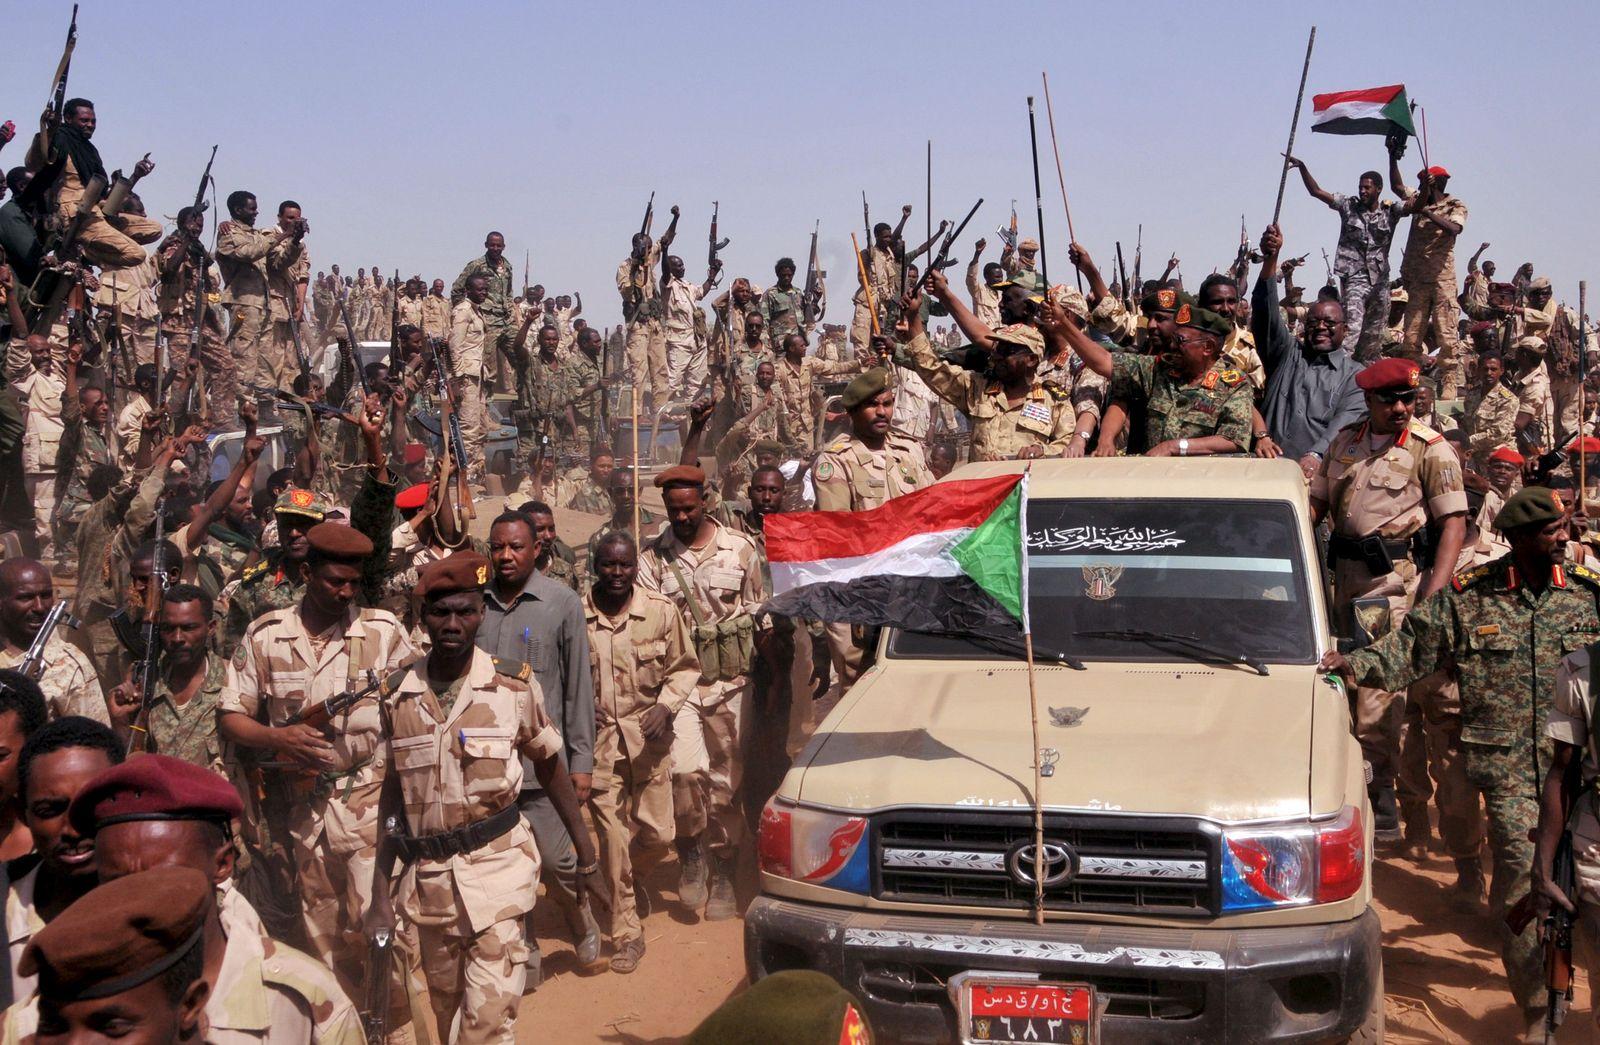 Sudan / Omar Hassan al-Bashir / SAF / RSF